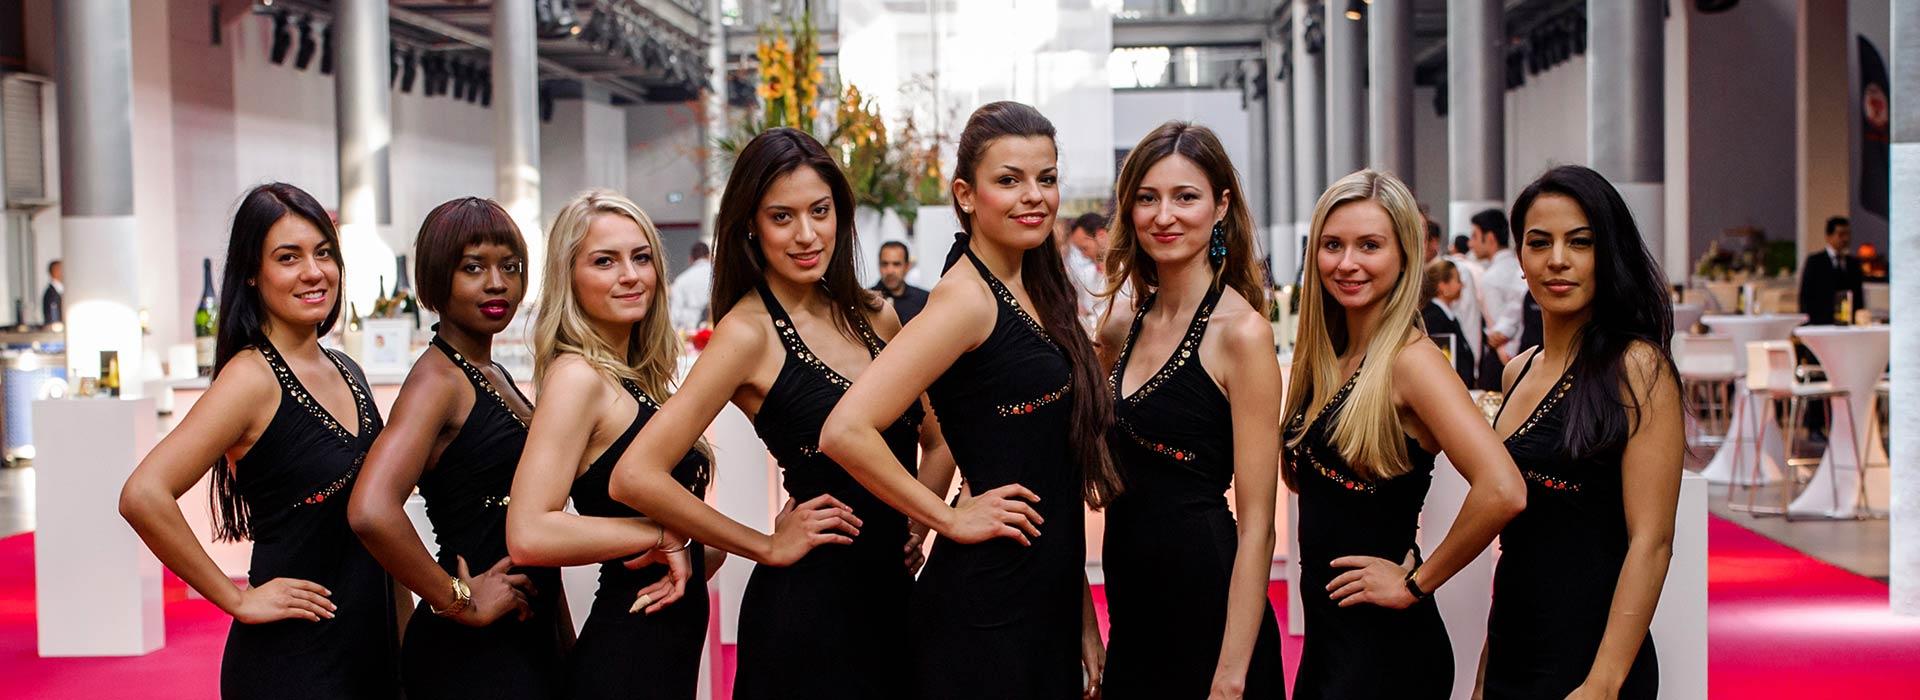 Acht Messehostessen im schwarzen Abendkleid